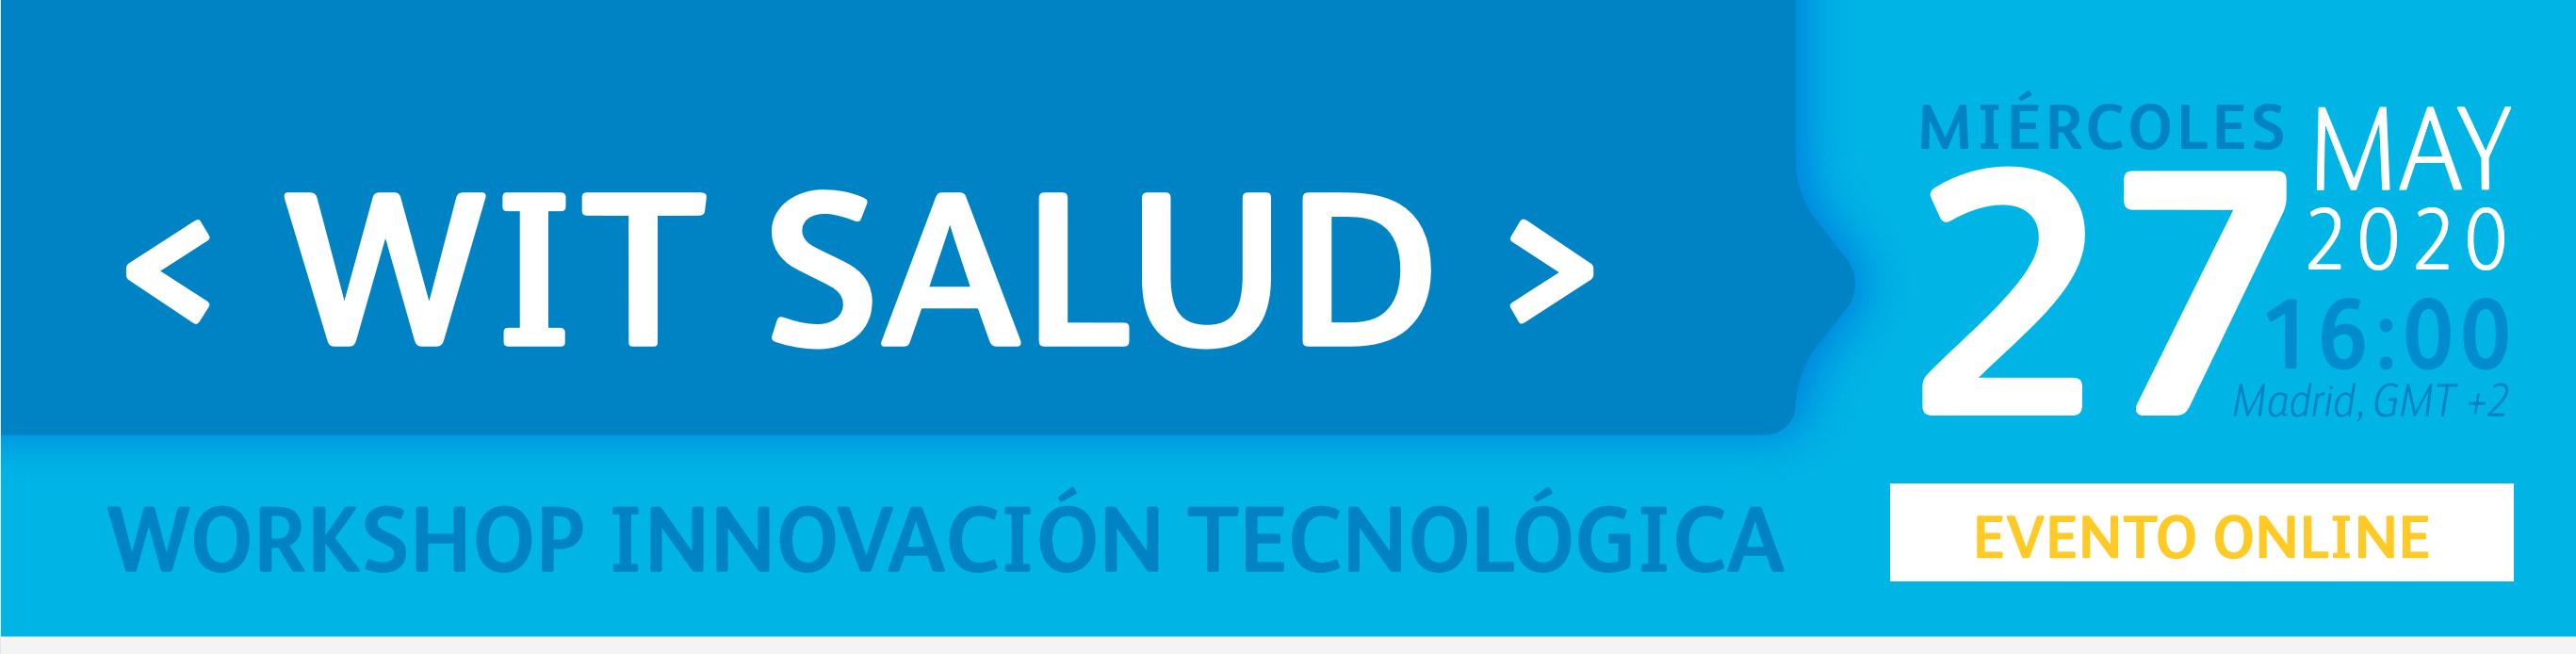 El director de Recerca i Innovació, Lluís Blanch, ponent en un workshop online sobre innovació tecnològica